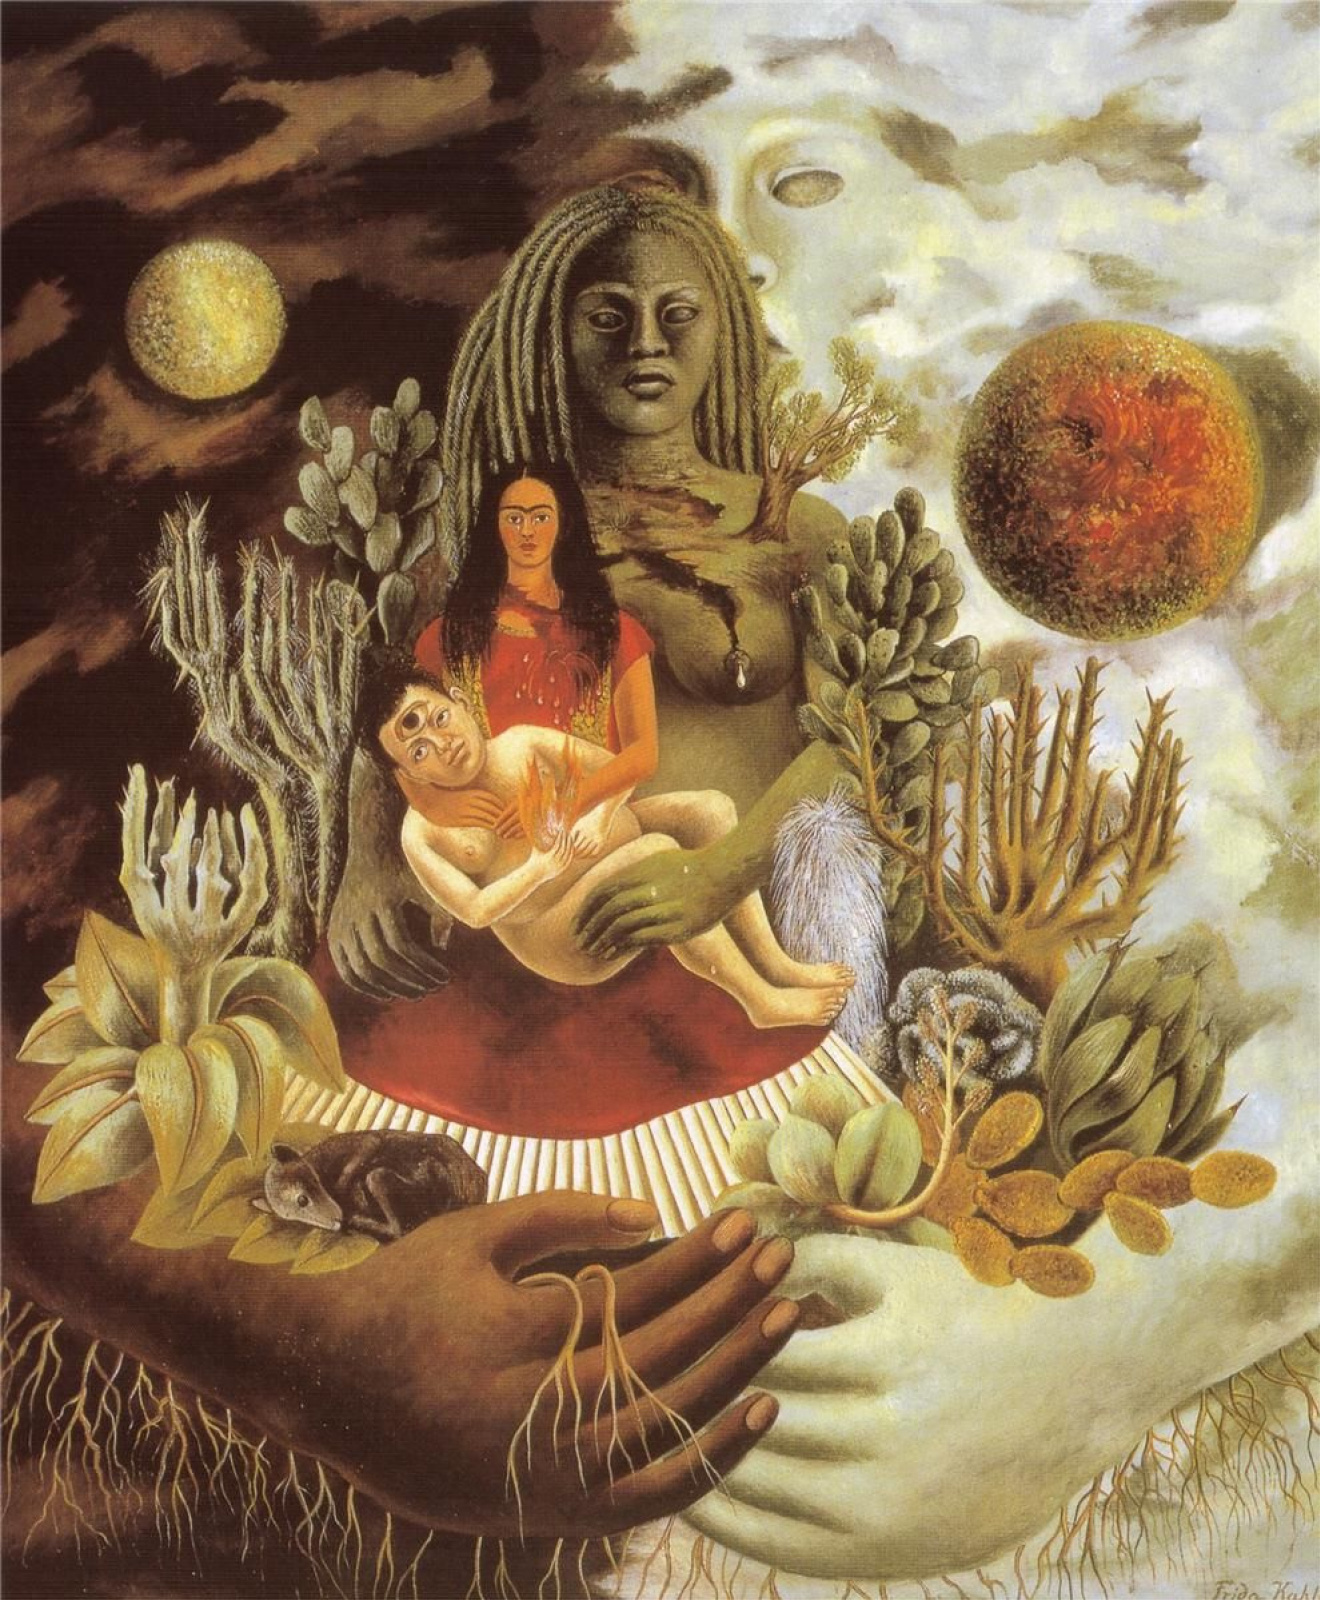 Фрида Кало. Дружеские объятия Вселенной, земли (Мексики), Я, Диего и Сеньор Холотль